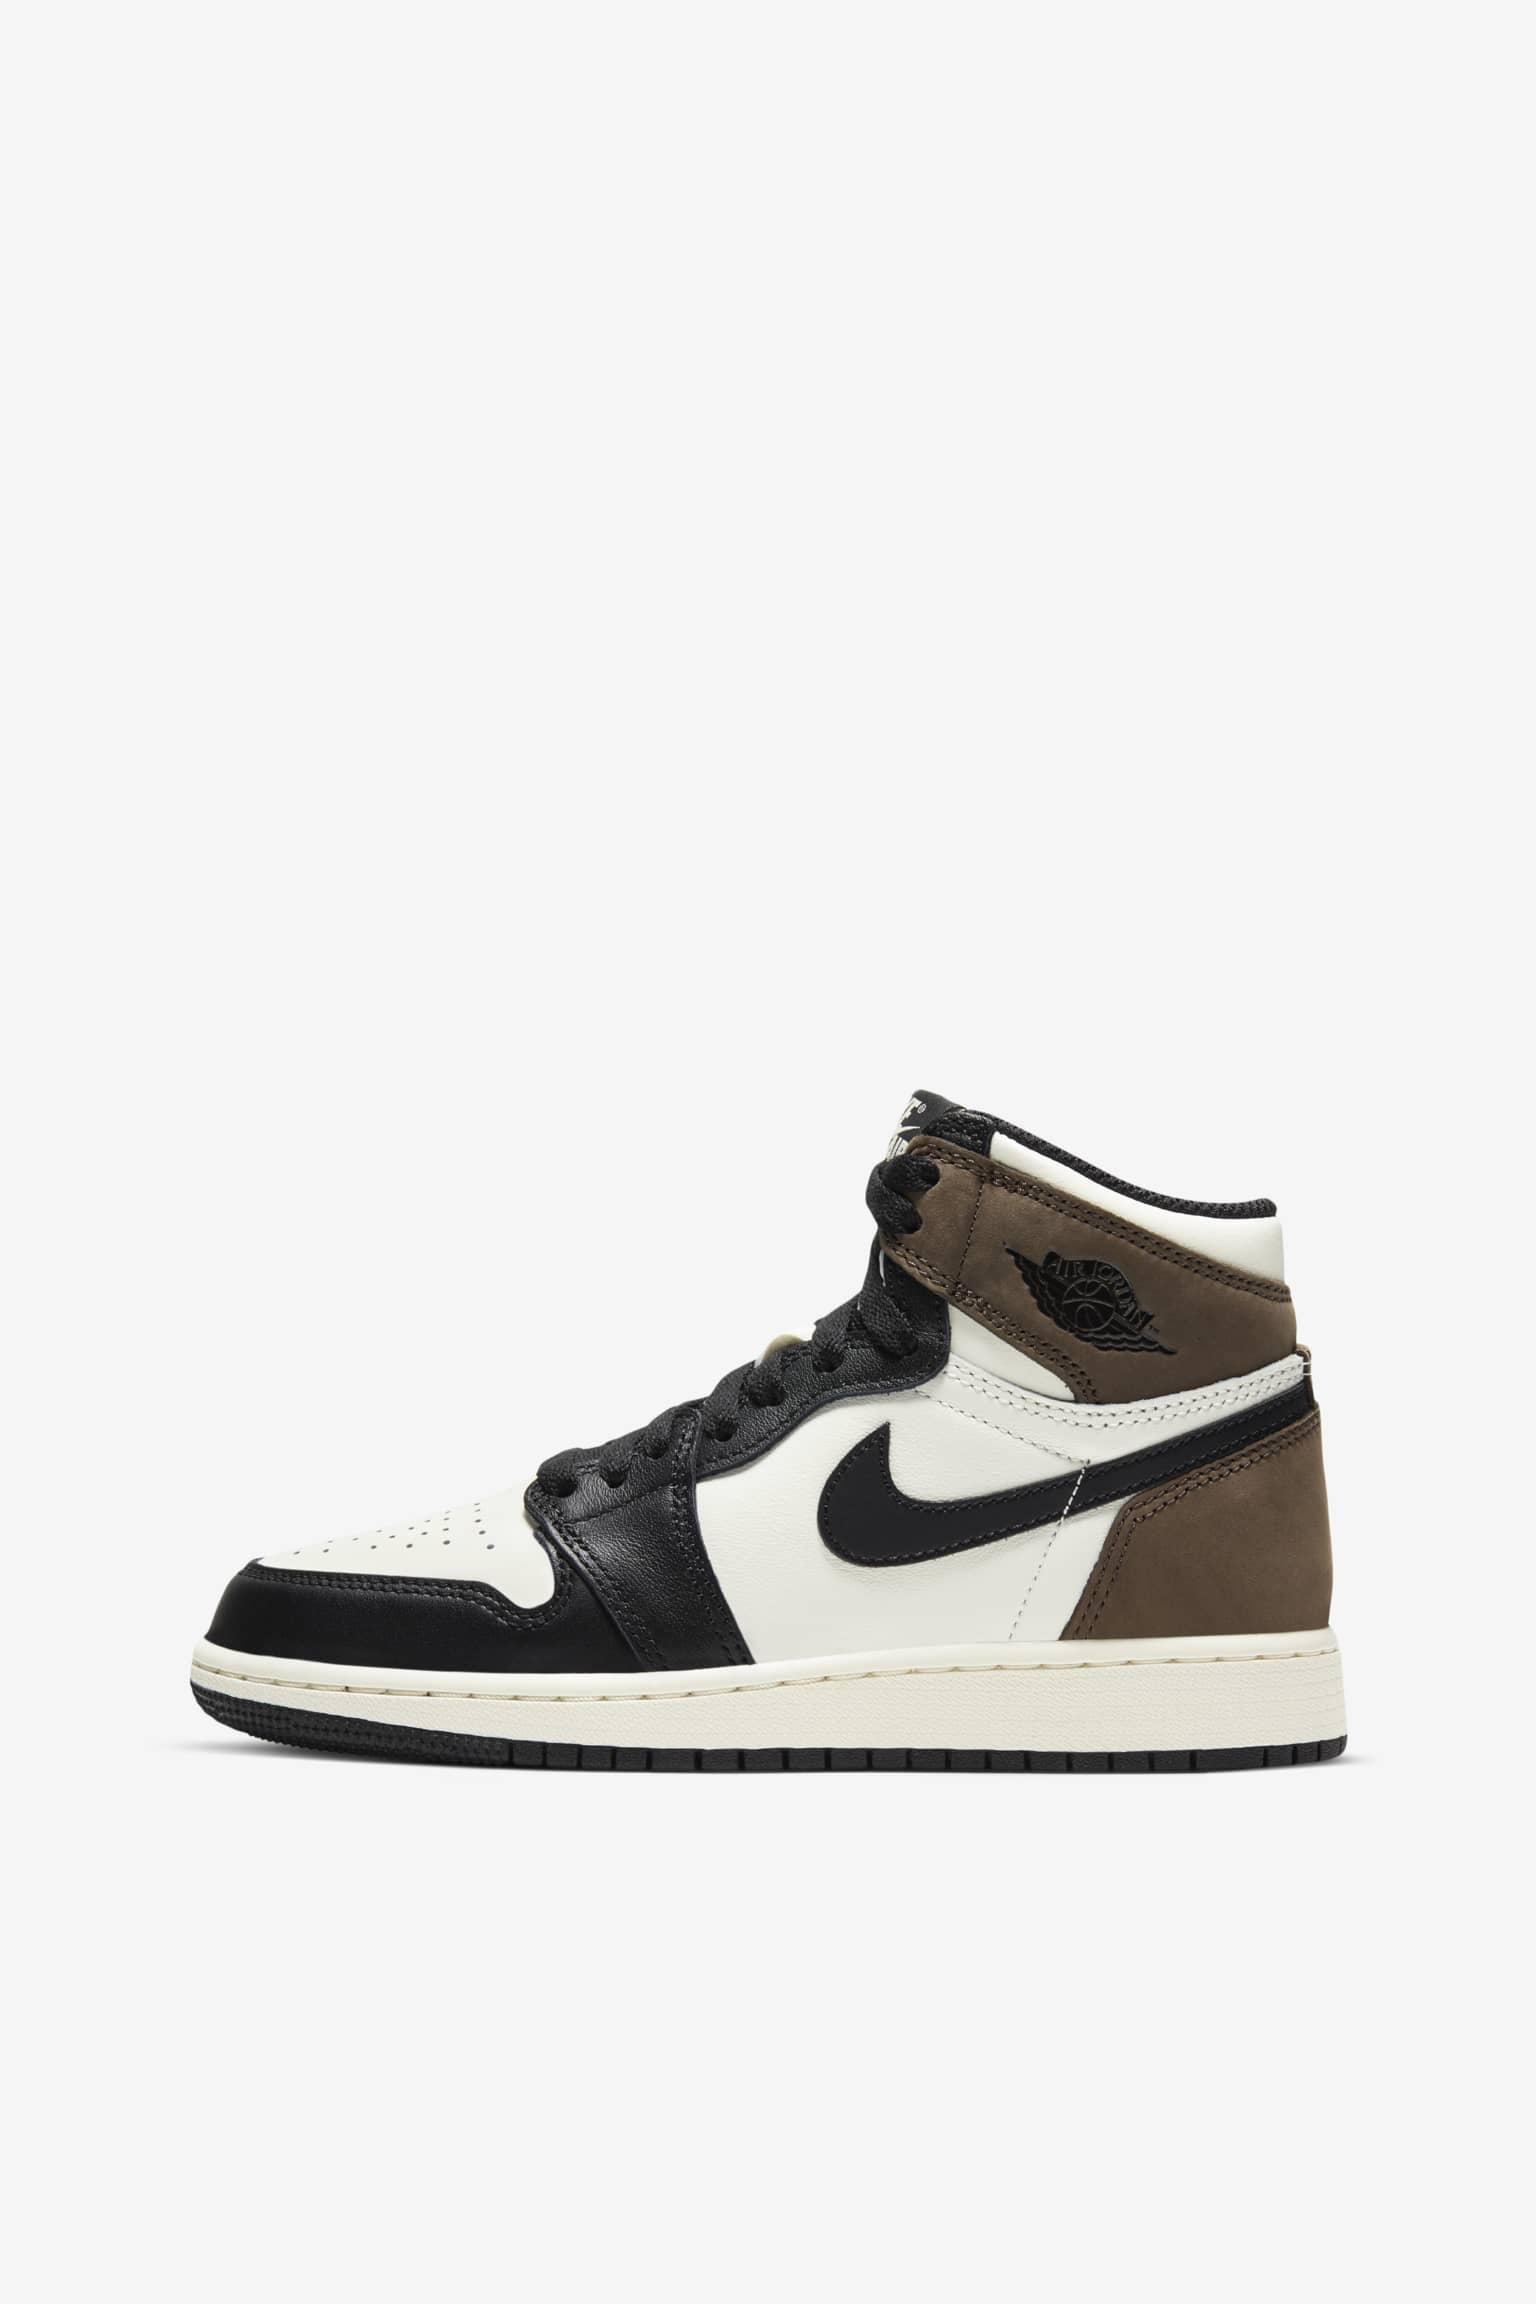 Air Jordan 1 'Dark Mocha' Release Date. Nike SNKRS